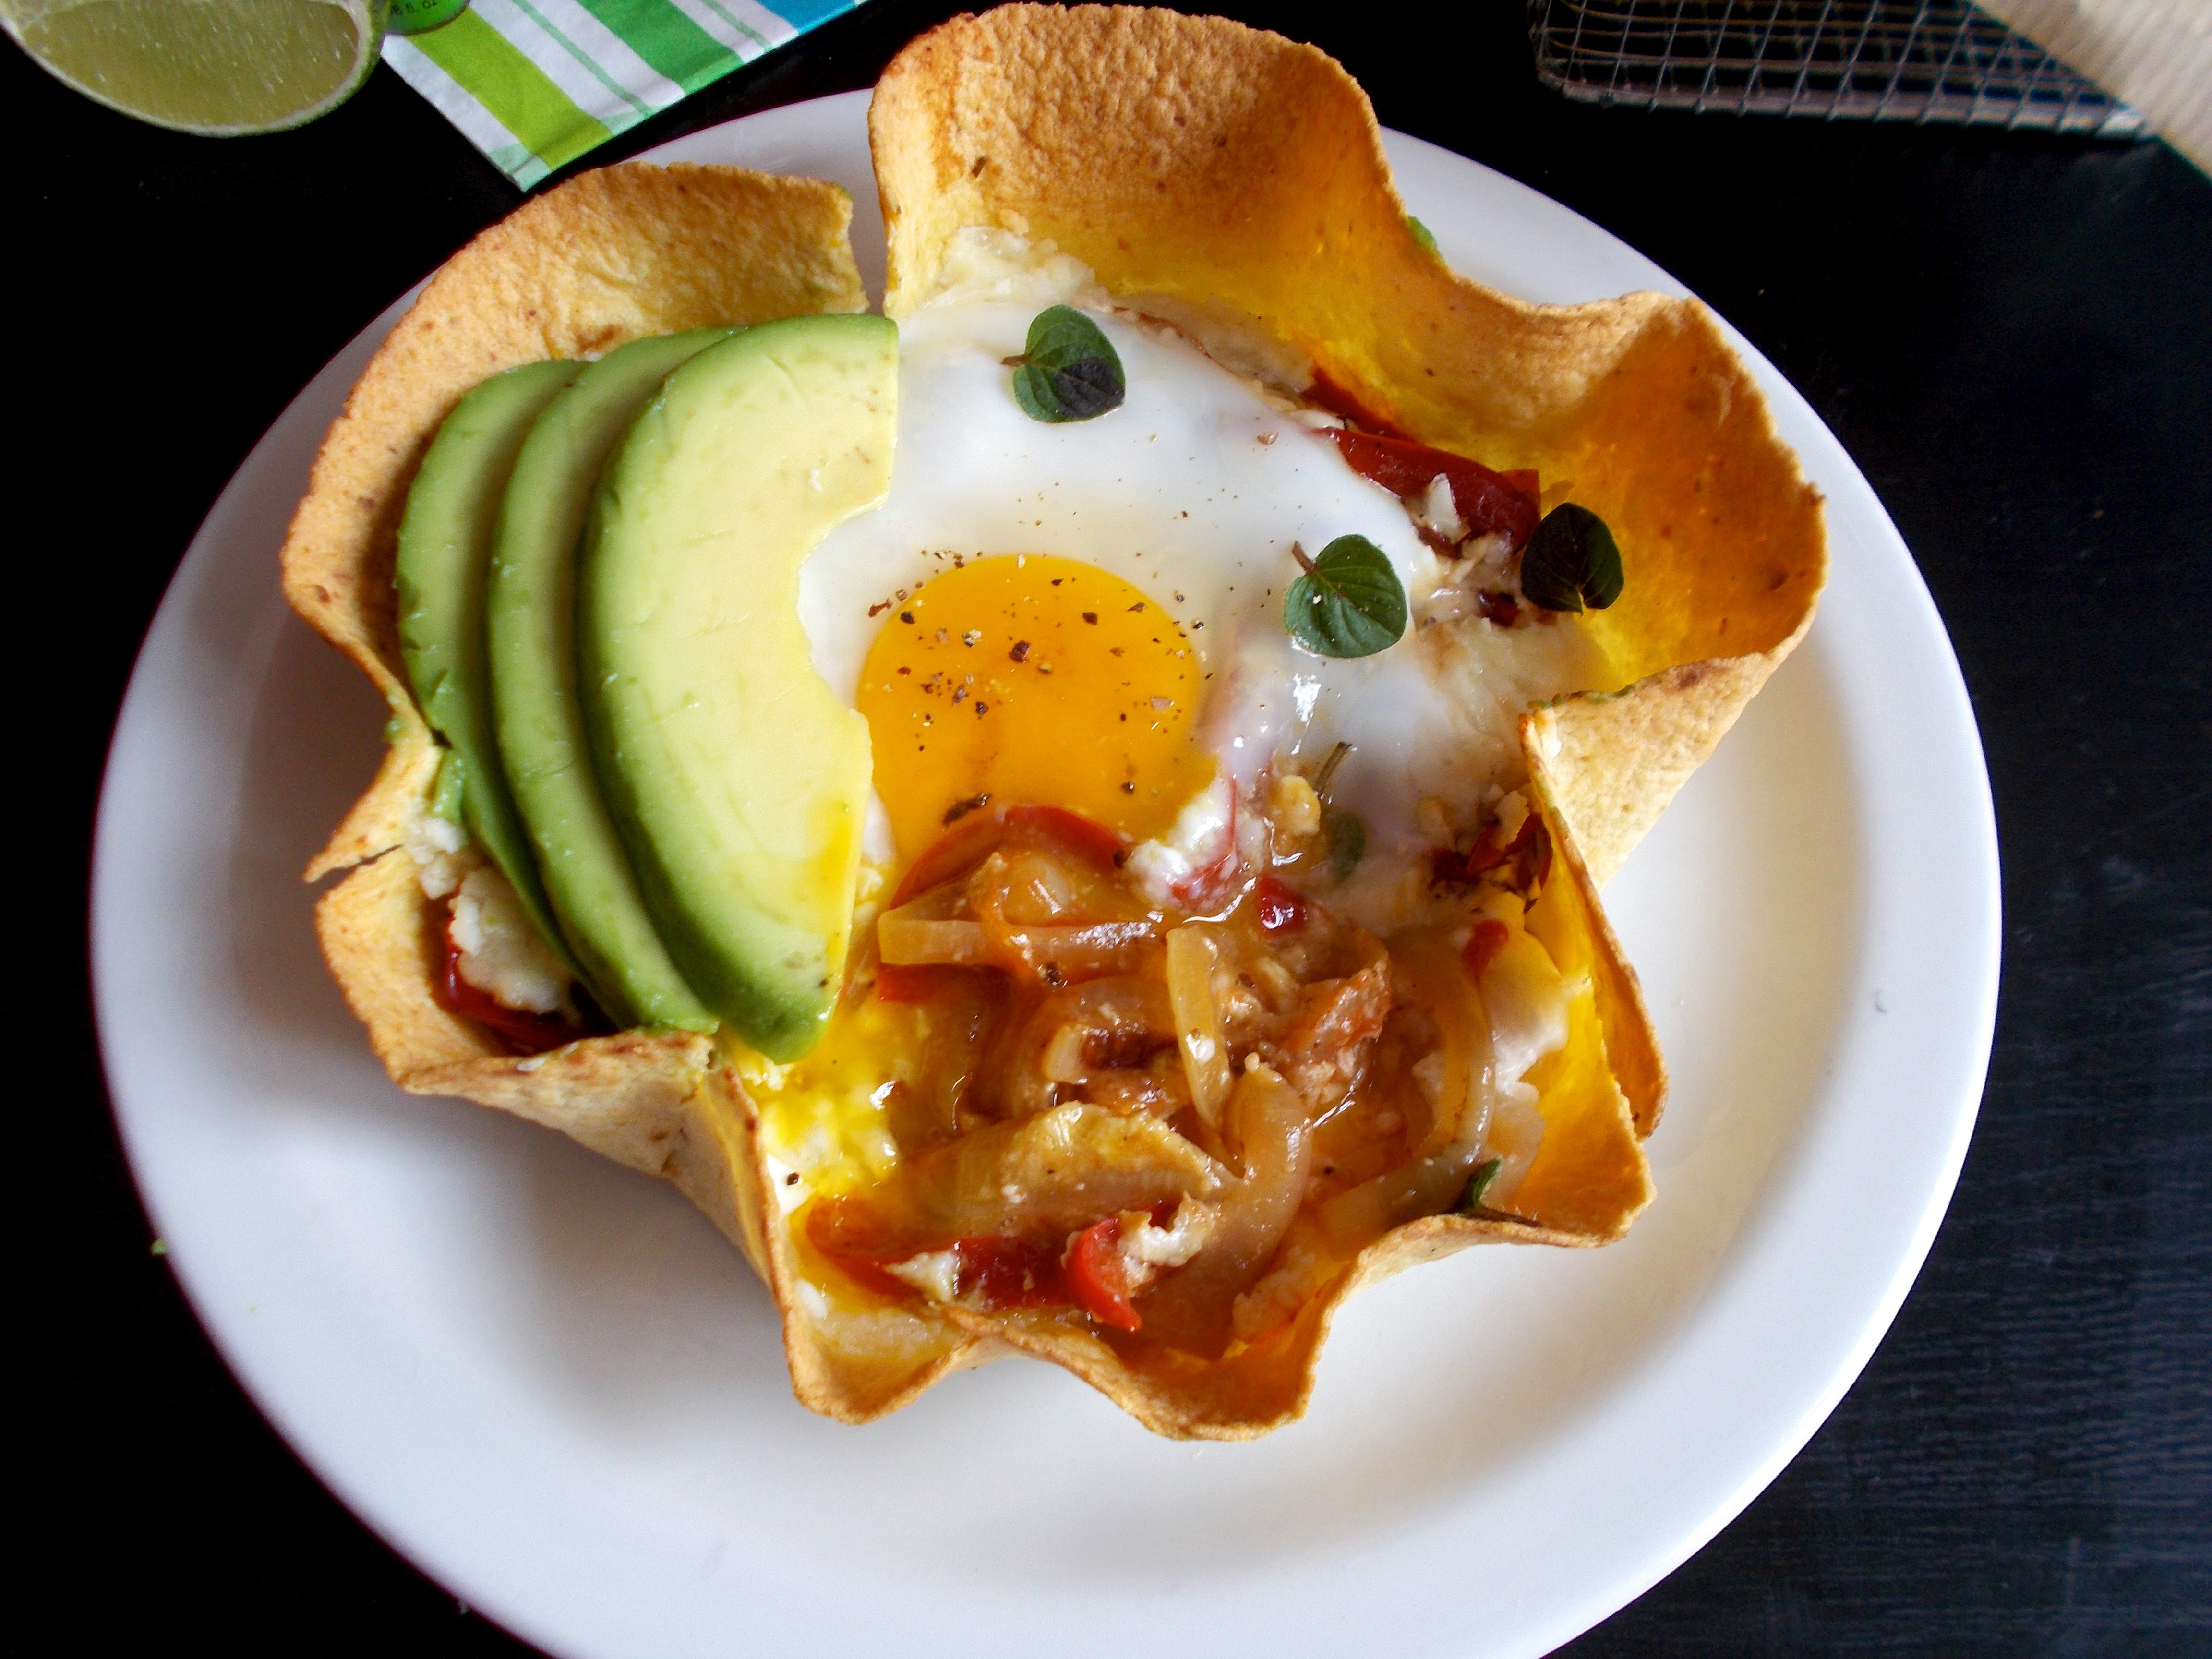 Skillet brunch tortilla : huevos rancheros